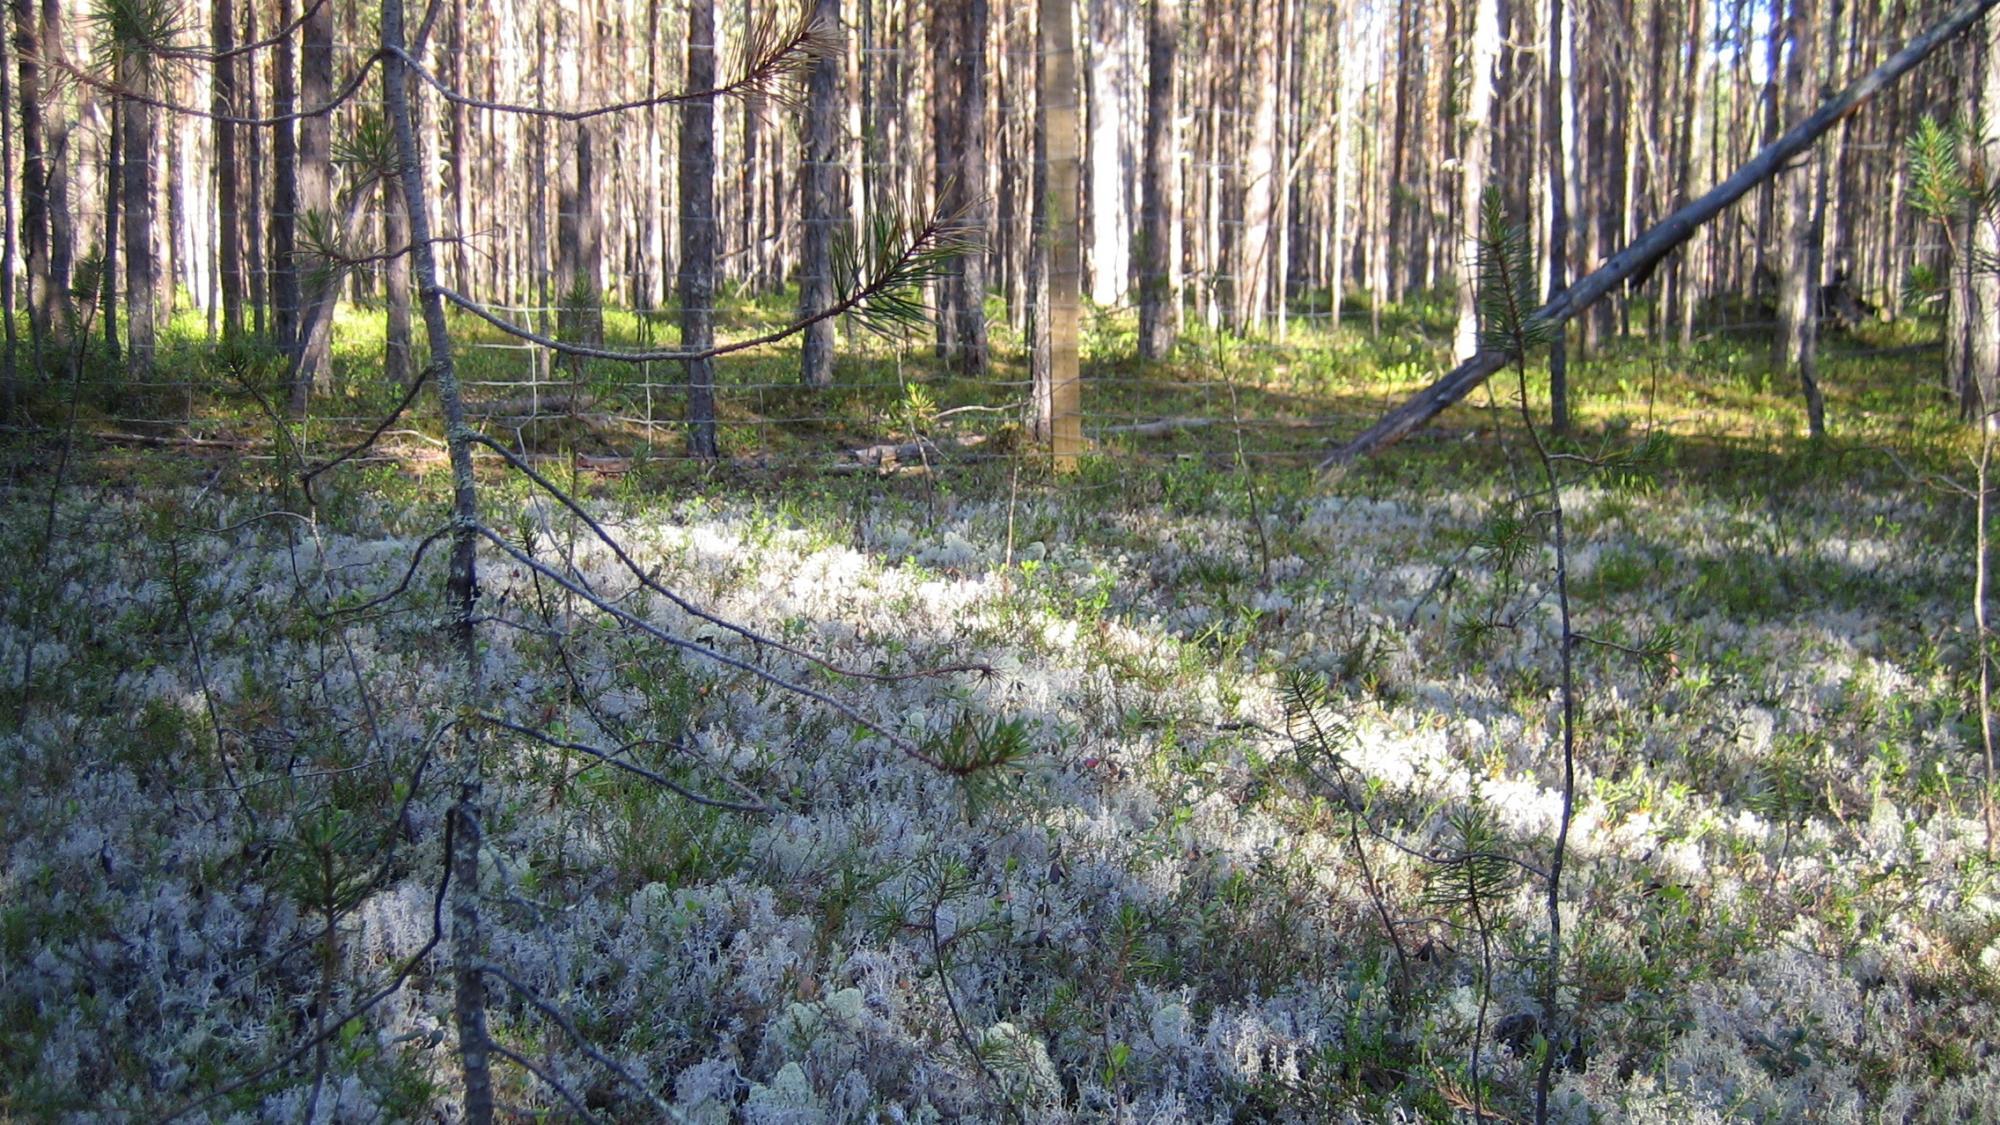 Metsää, jossa poroilta aidatun alueen ja laidunnetun alueen välinen ero näkyy jäkäläpeitteessä.